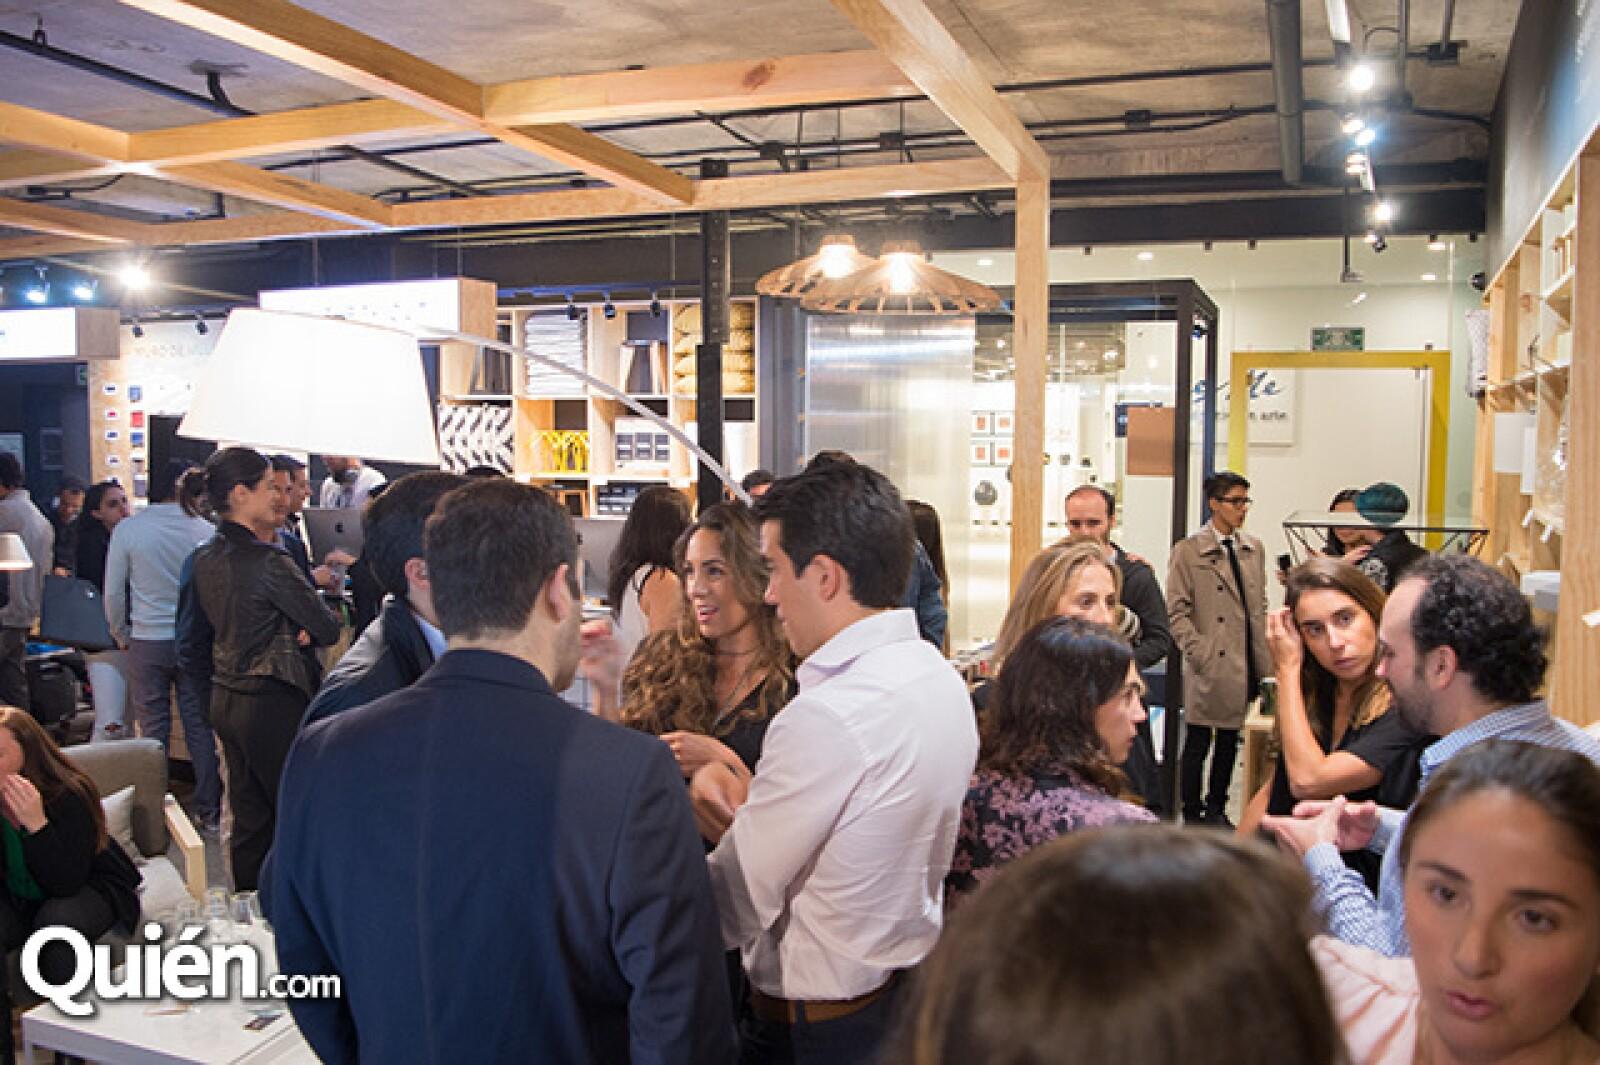 Los asistentes al evento pudieron ver algunas de las piezas que ofrece la marca.